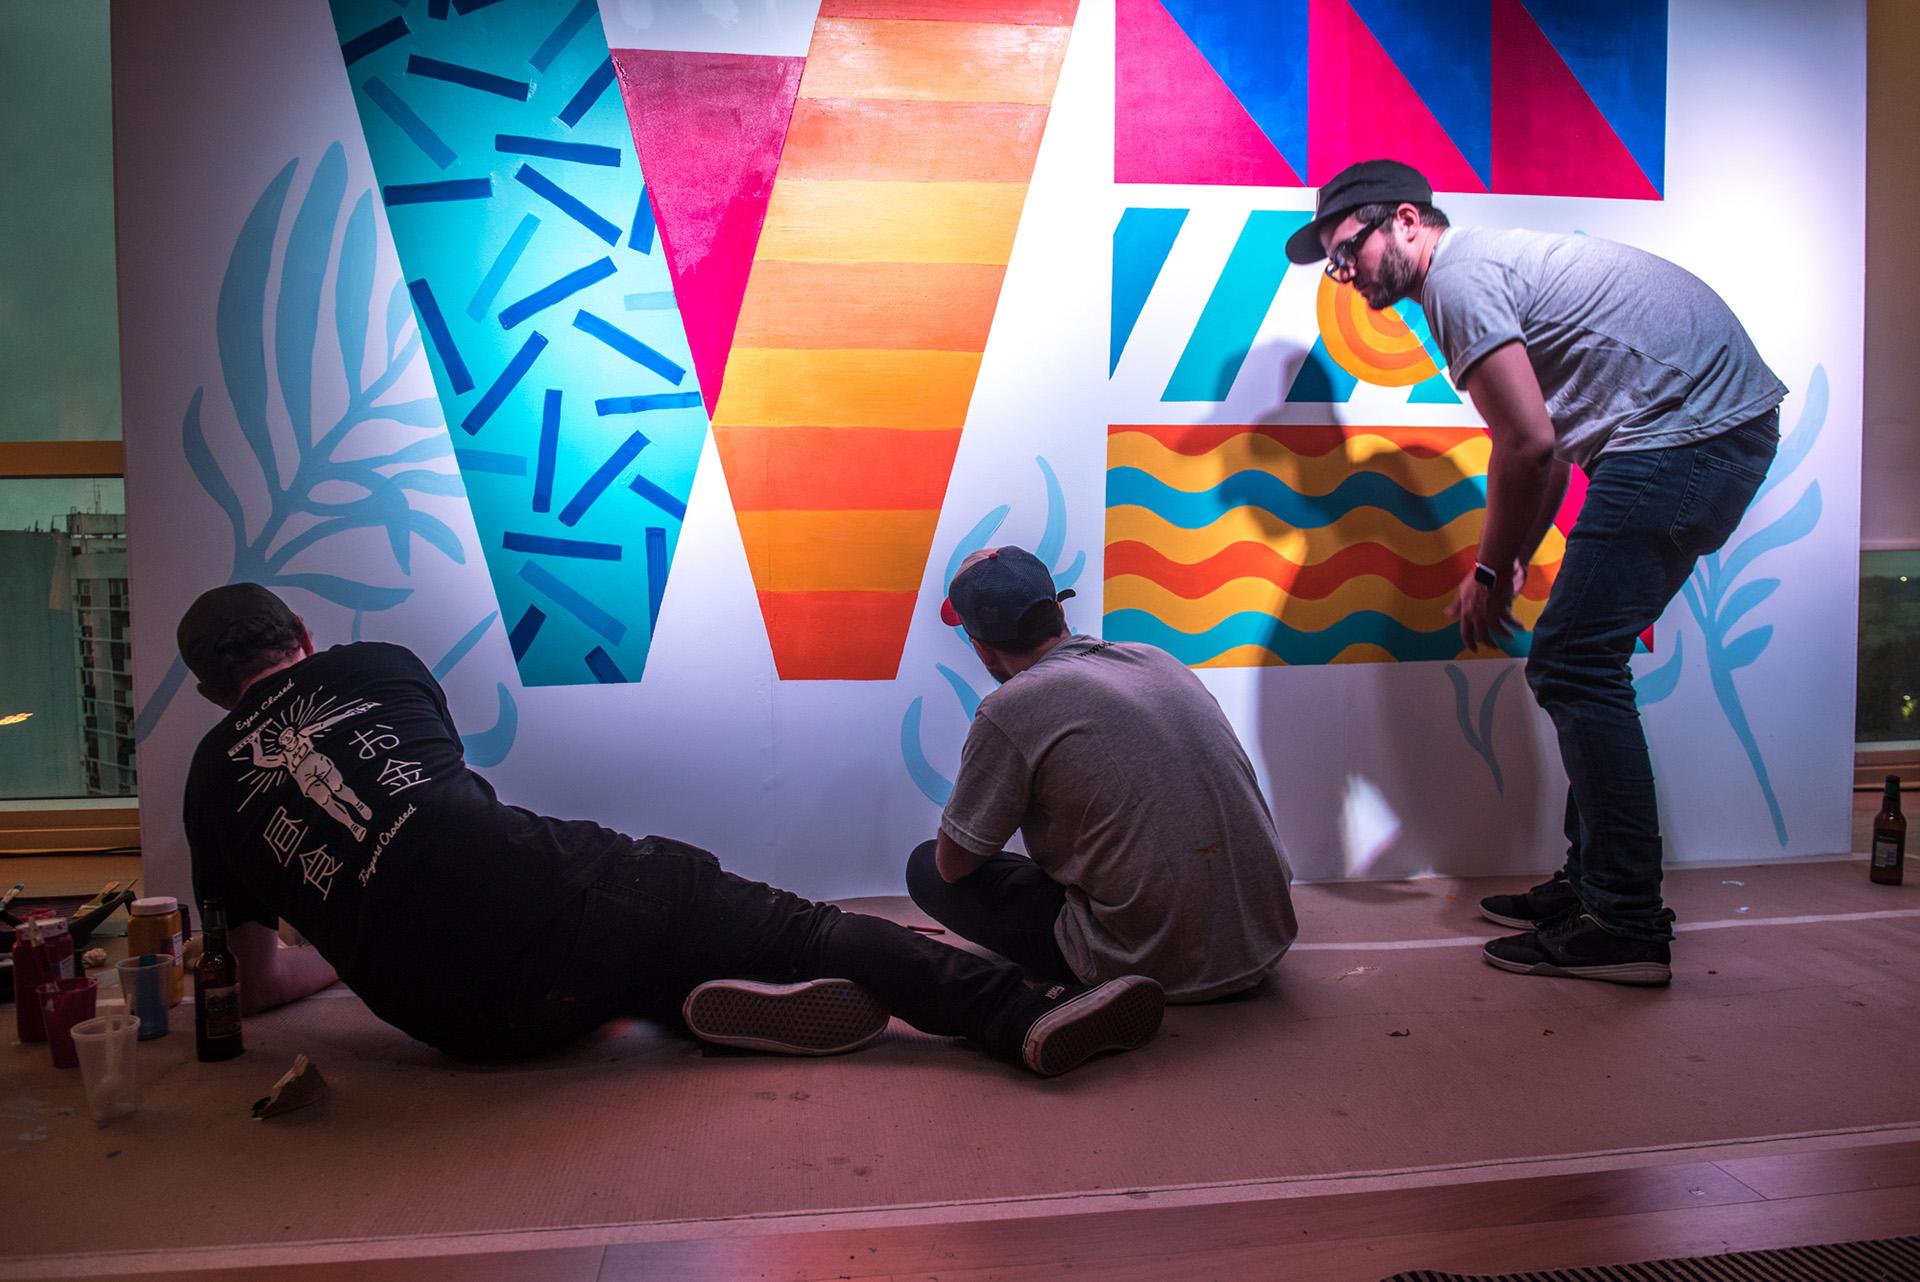 El arte también tuvo su espacio: Nacho Varone y Eric Friedensohn, del equipo de Art & Graphics de WeWork, hicieron una intervención en vivo